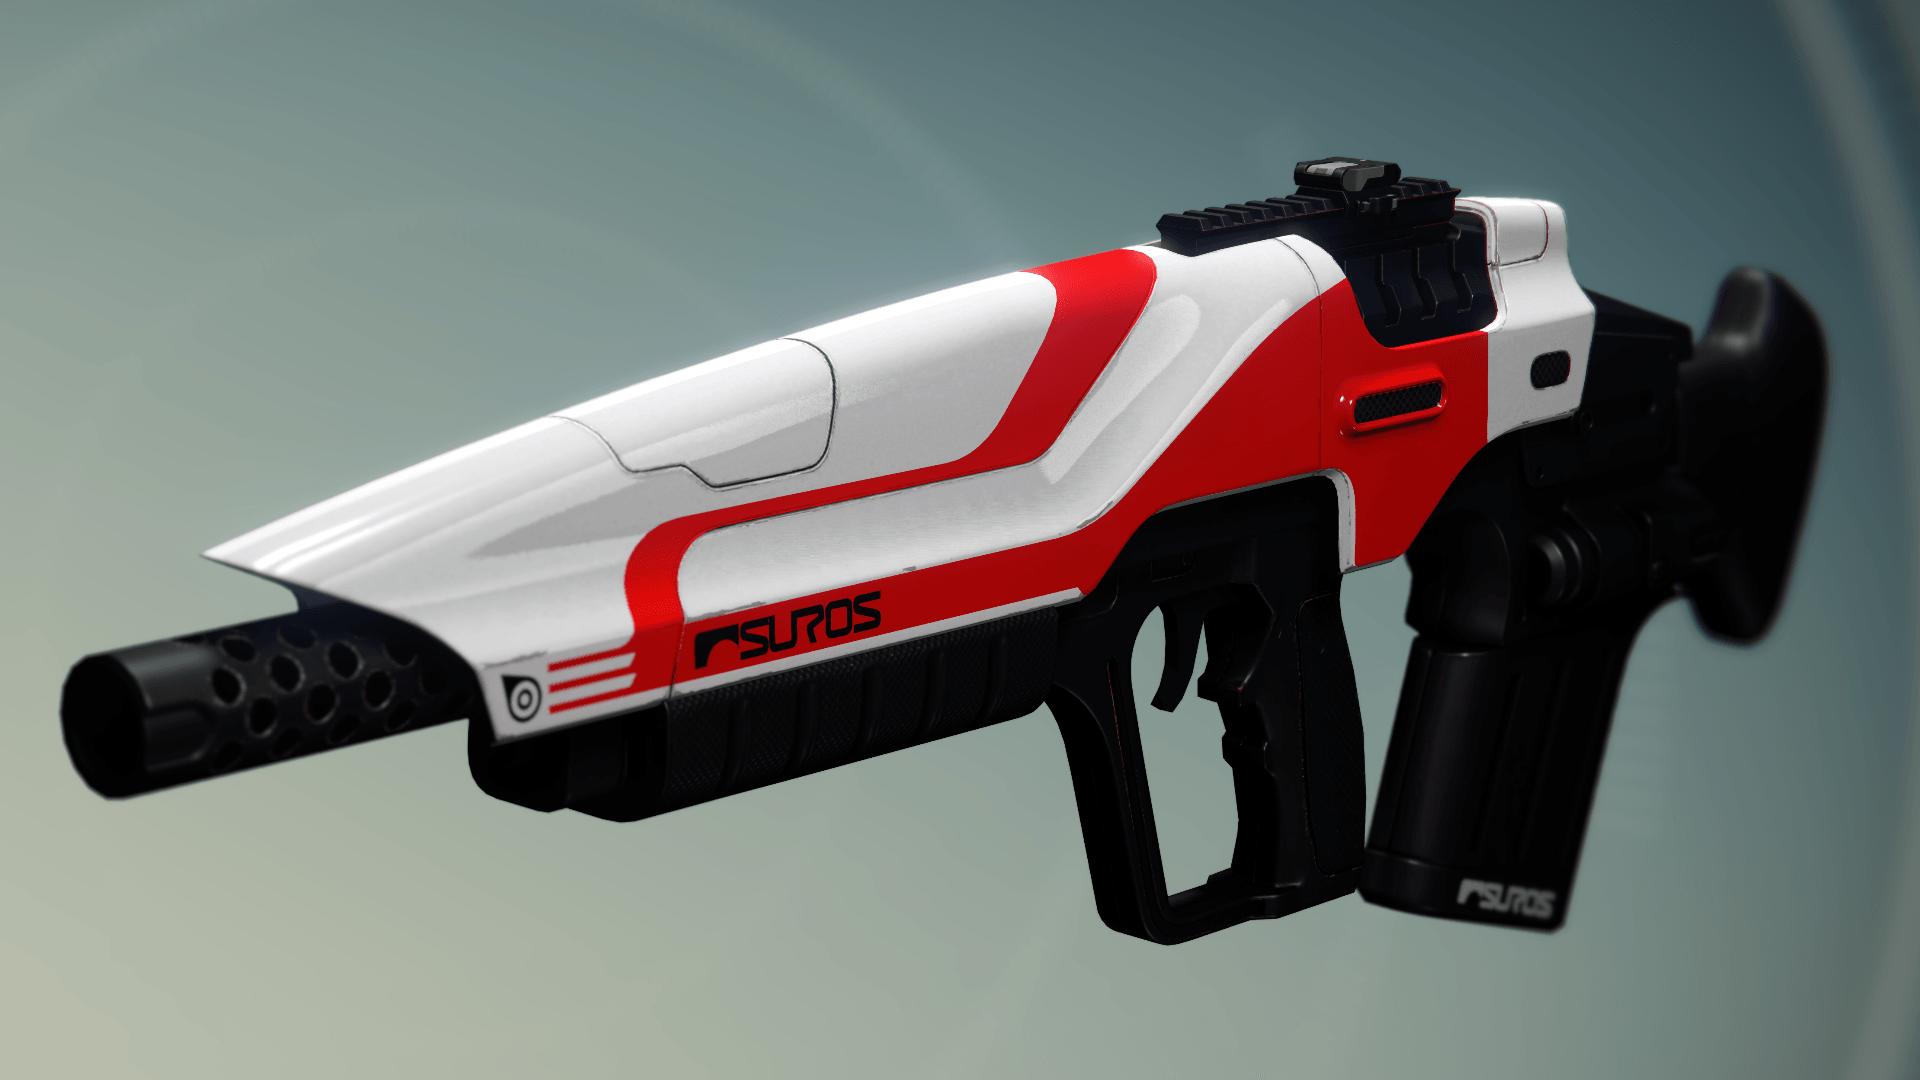 Destiny: SUROS-Paket – so kommt Ihr an Emblem, Shader, 3 Waffen